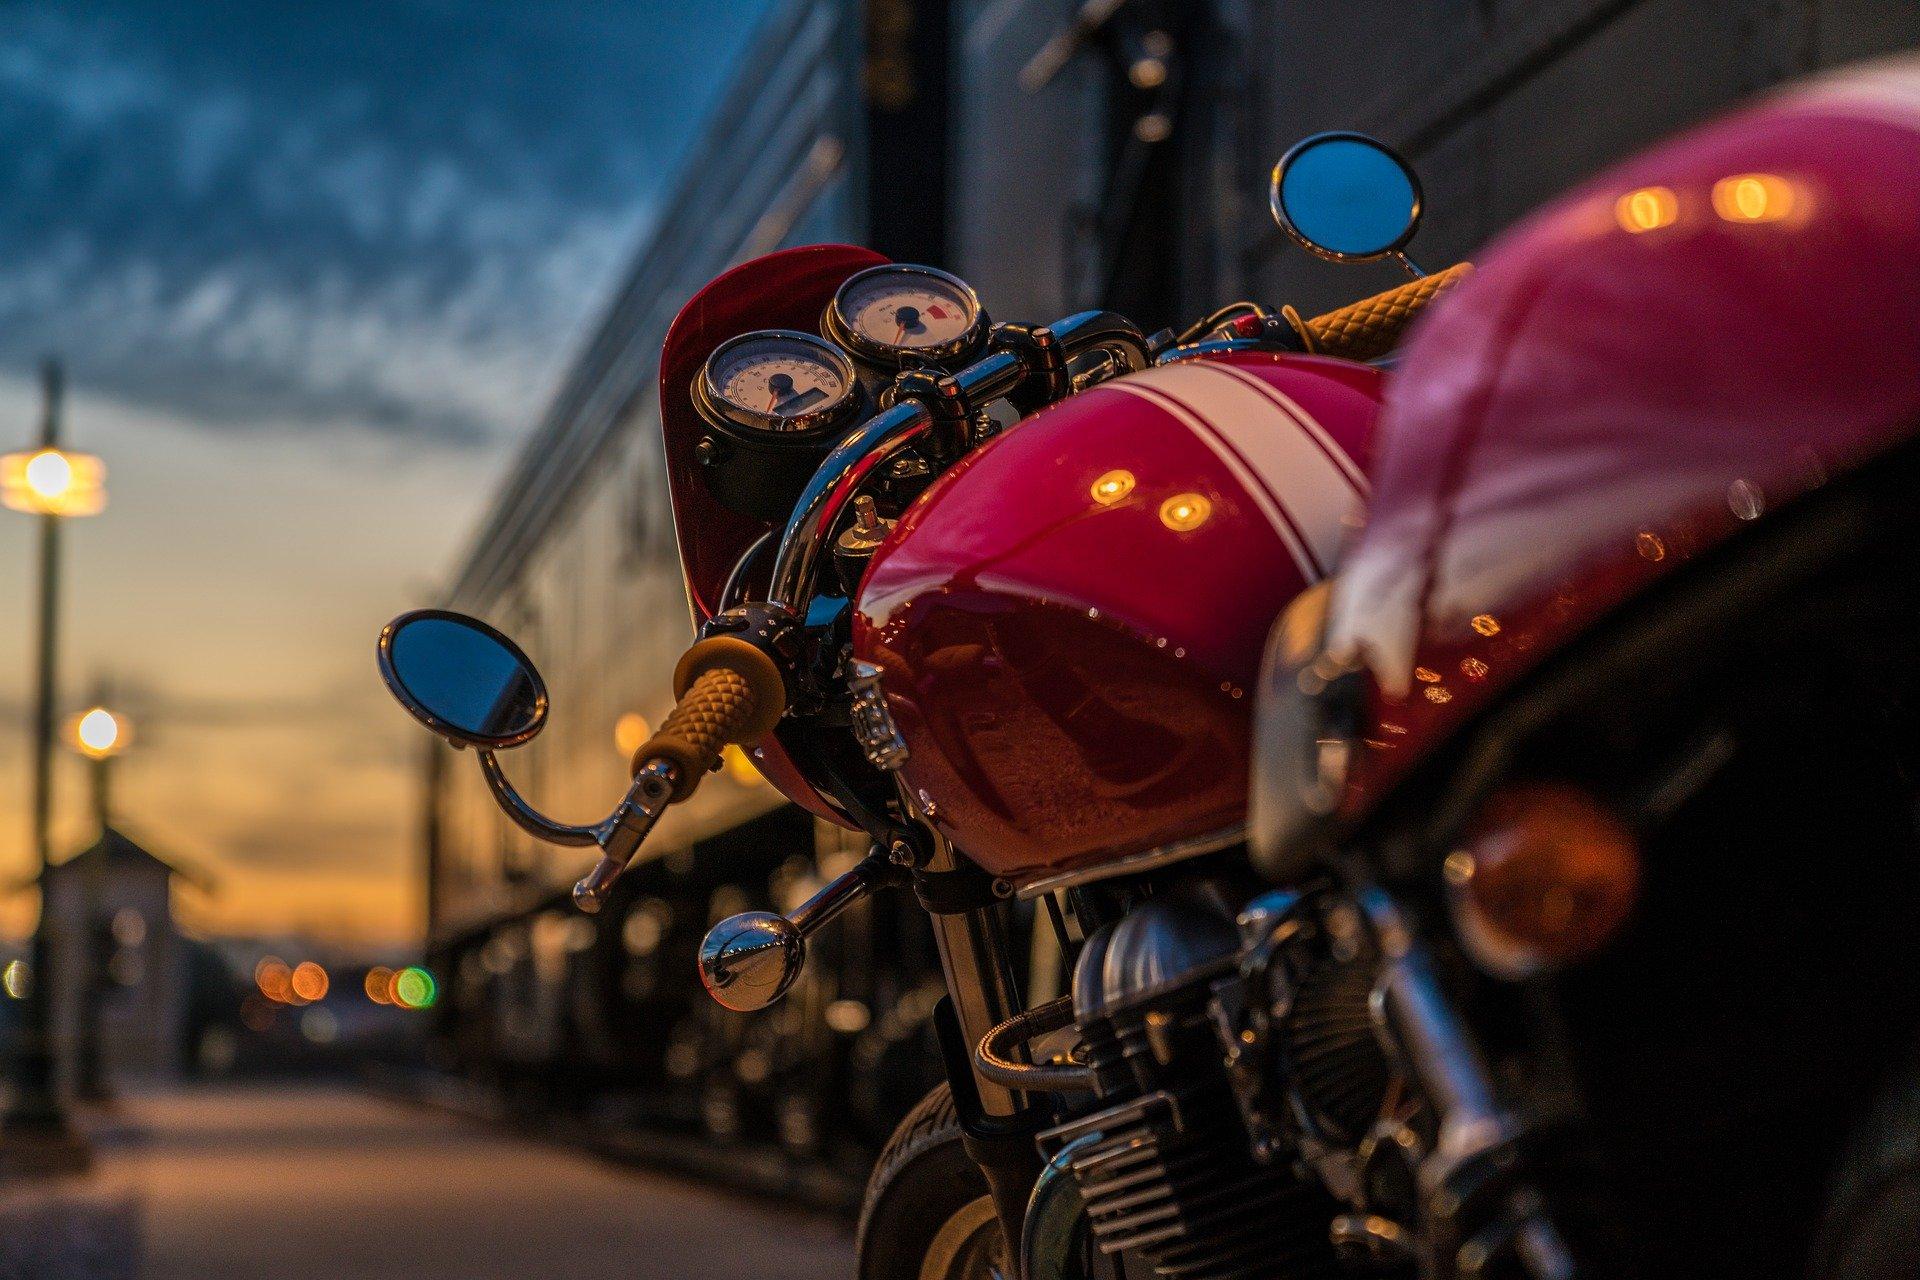 Cual es la empresa mas barata para el envio de motos